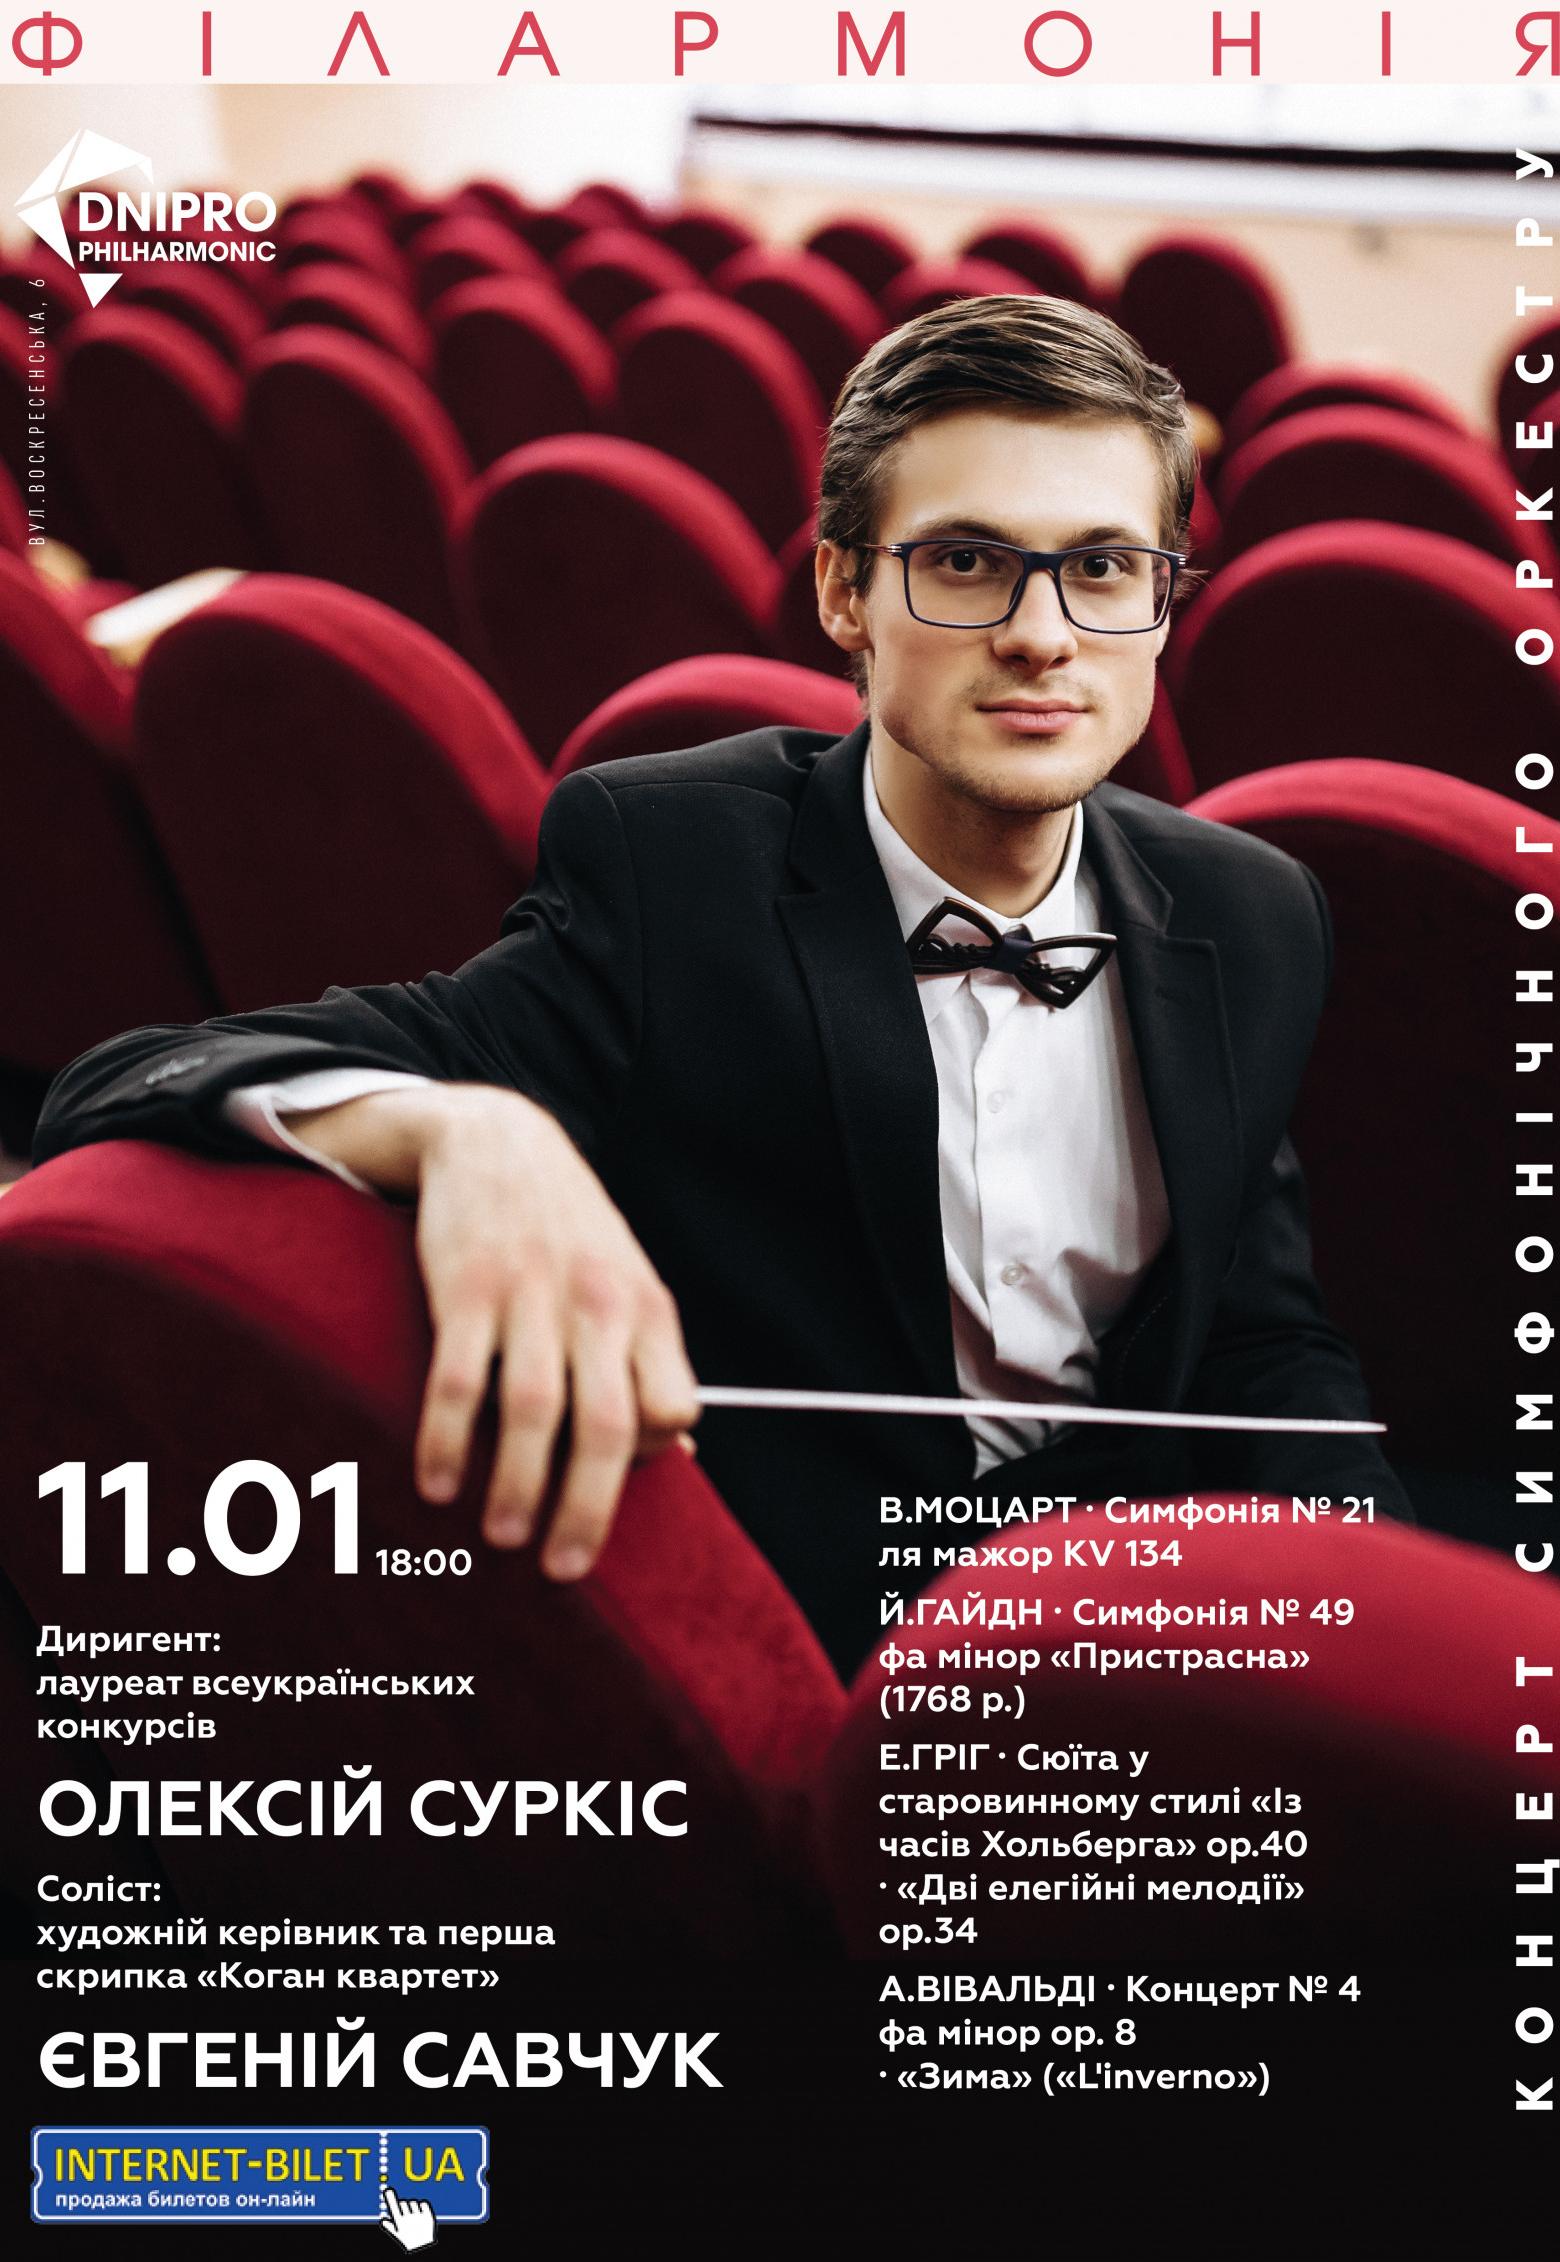 «Музыкальная пауза» в Днепре: какие концерты стоит посетить в январе. Новости Днепра